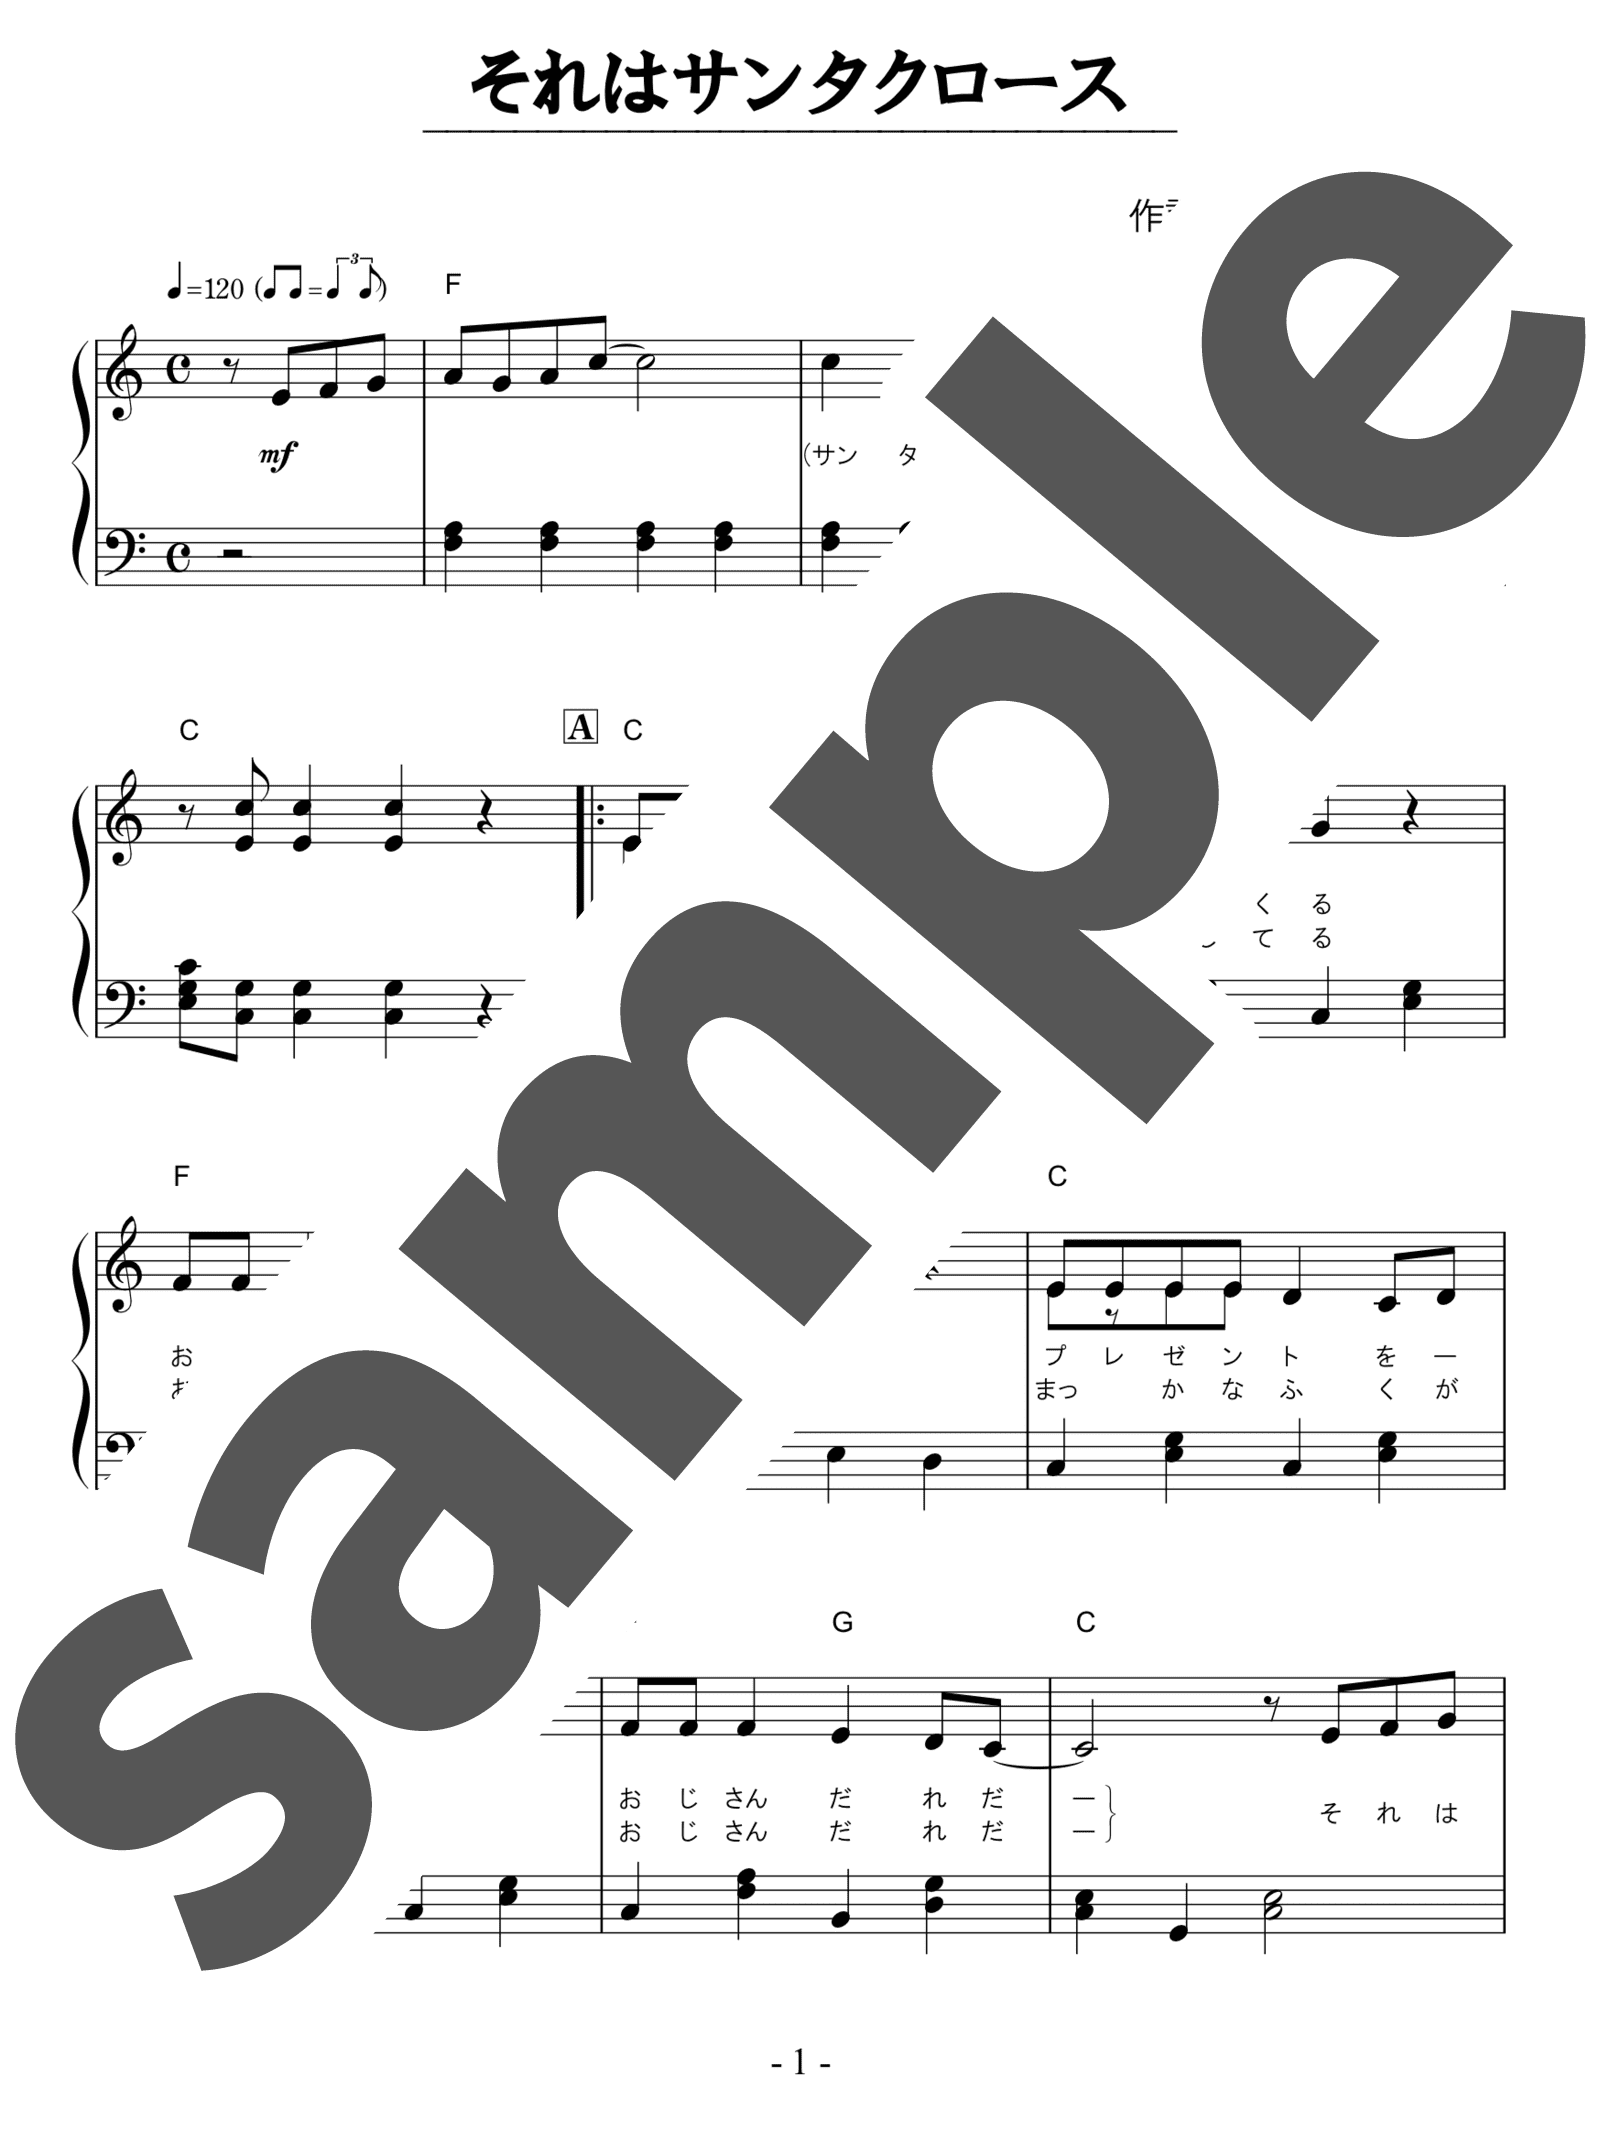 「それはサンタクロース」のサンプル楽譜